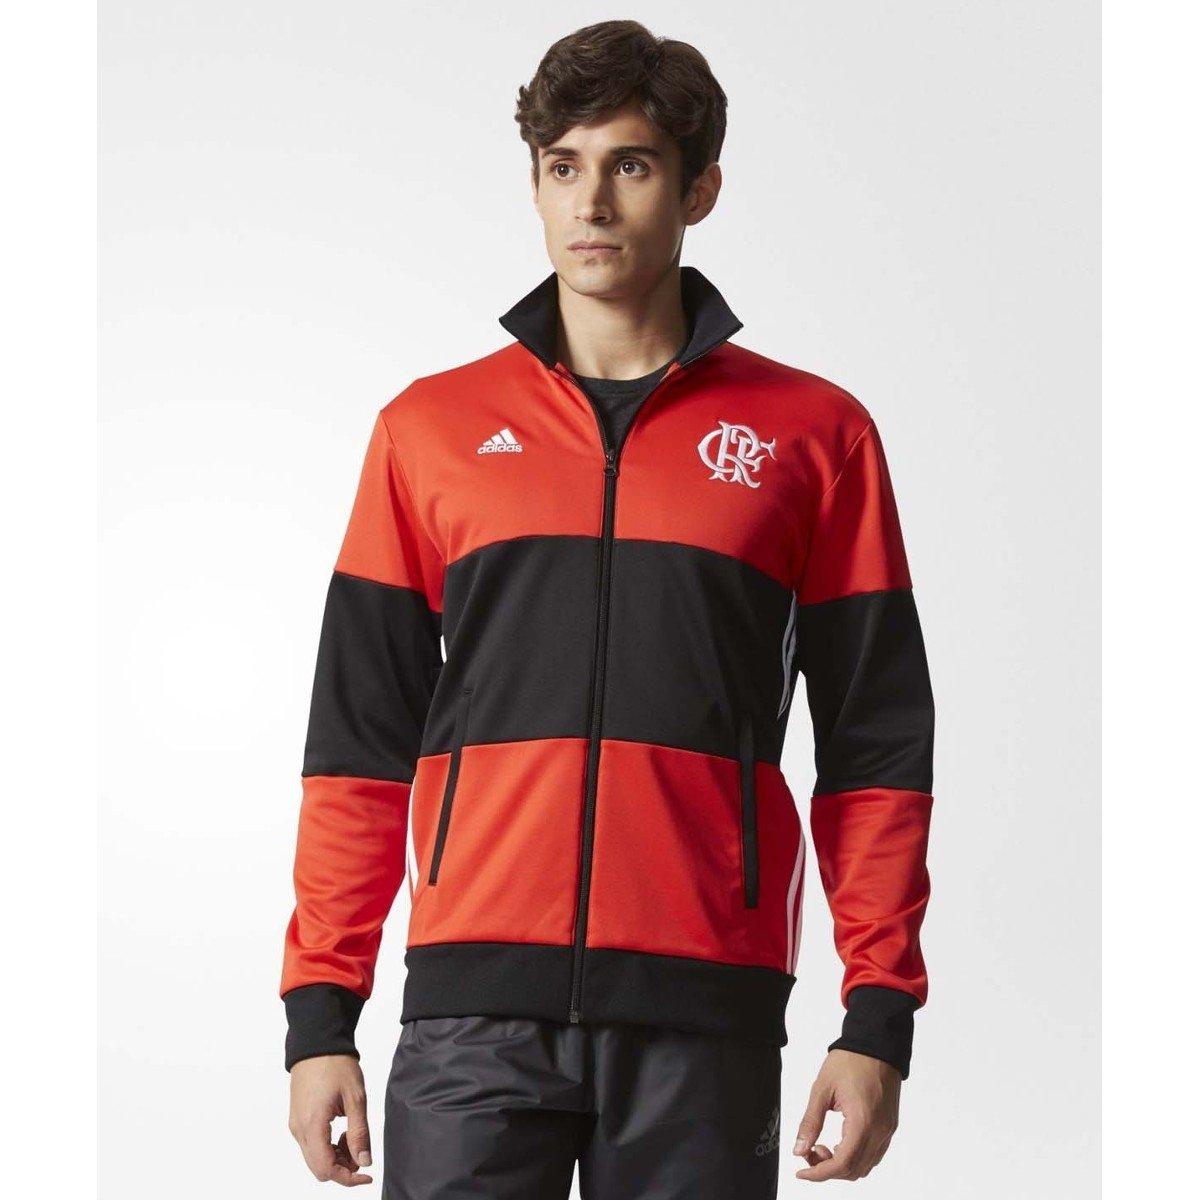 cf5f592e5a6f8 Jaqueta Adidas Flamengo 3S 2016 - Compre Agora